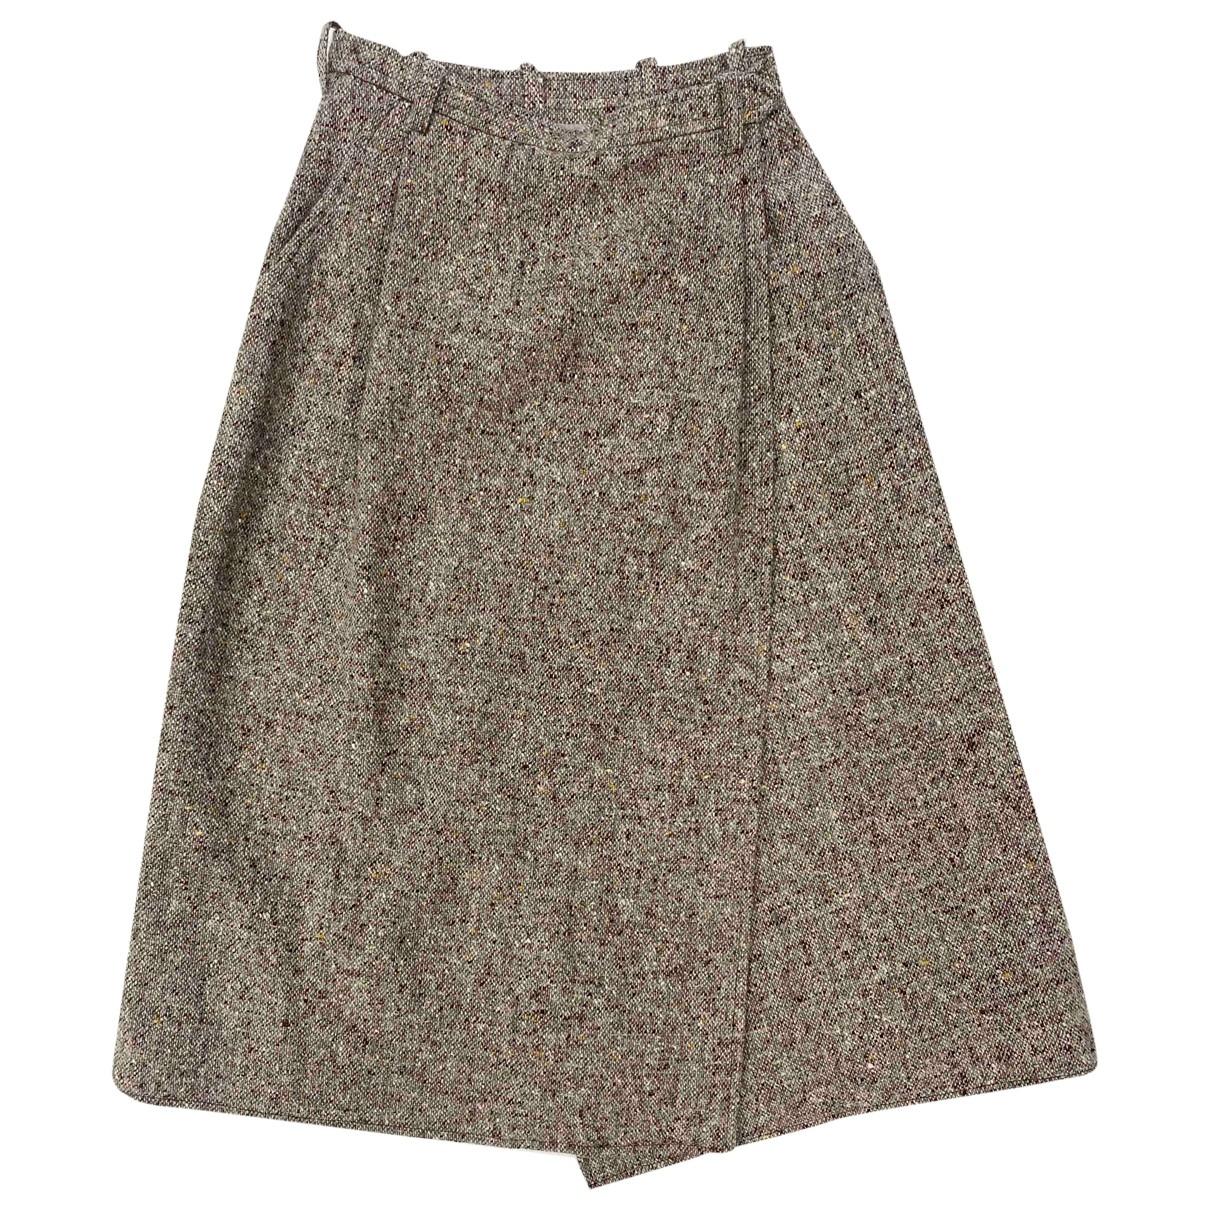 Yves Saint Laurent - Jupe   pour femme en tweed - marron